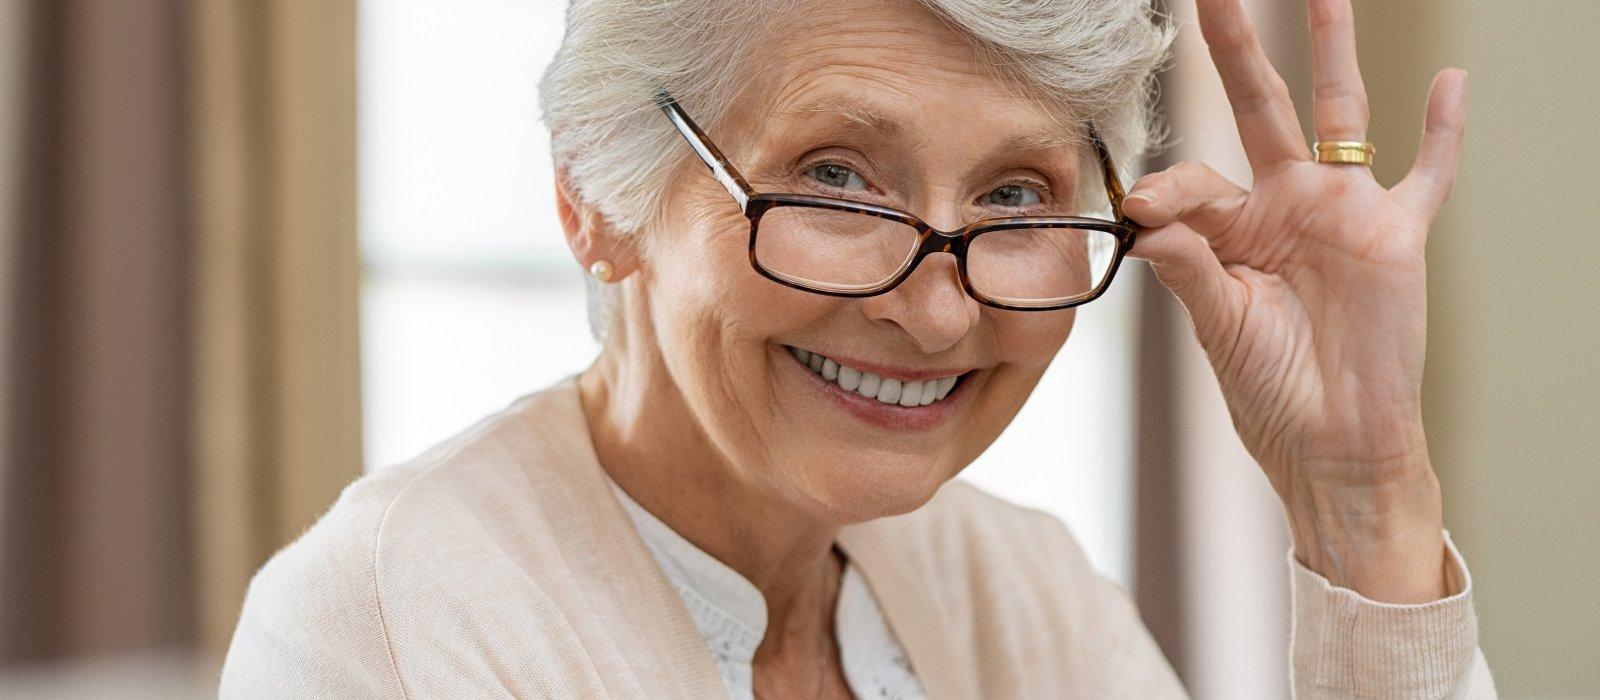 Fehlsichtigkeit Vorsorge beim Augenarzt